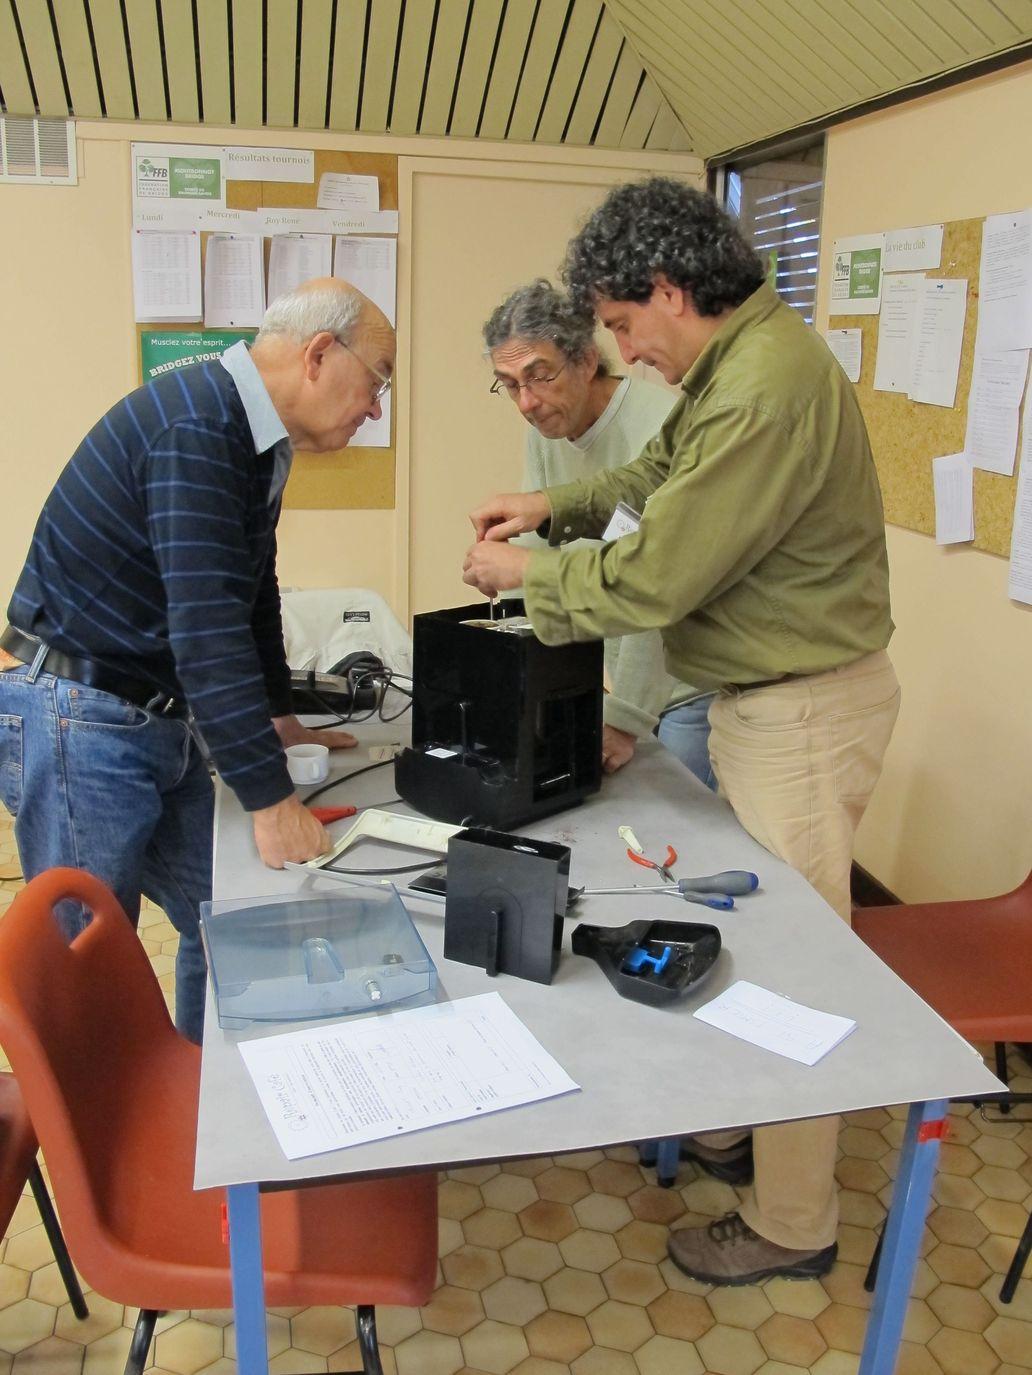 2014-11-11 Repair Café 08